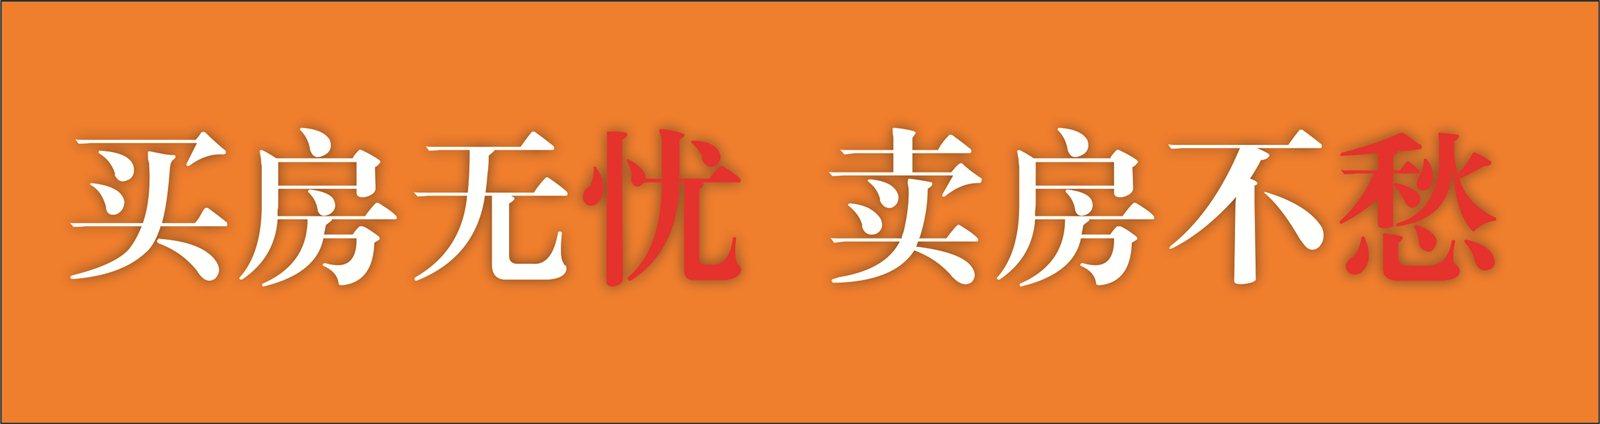 赣州江恩房地产经纪有限澳门太阳城注册